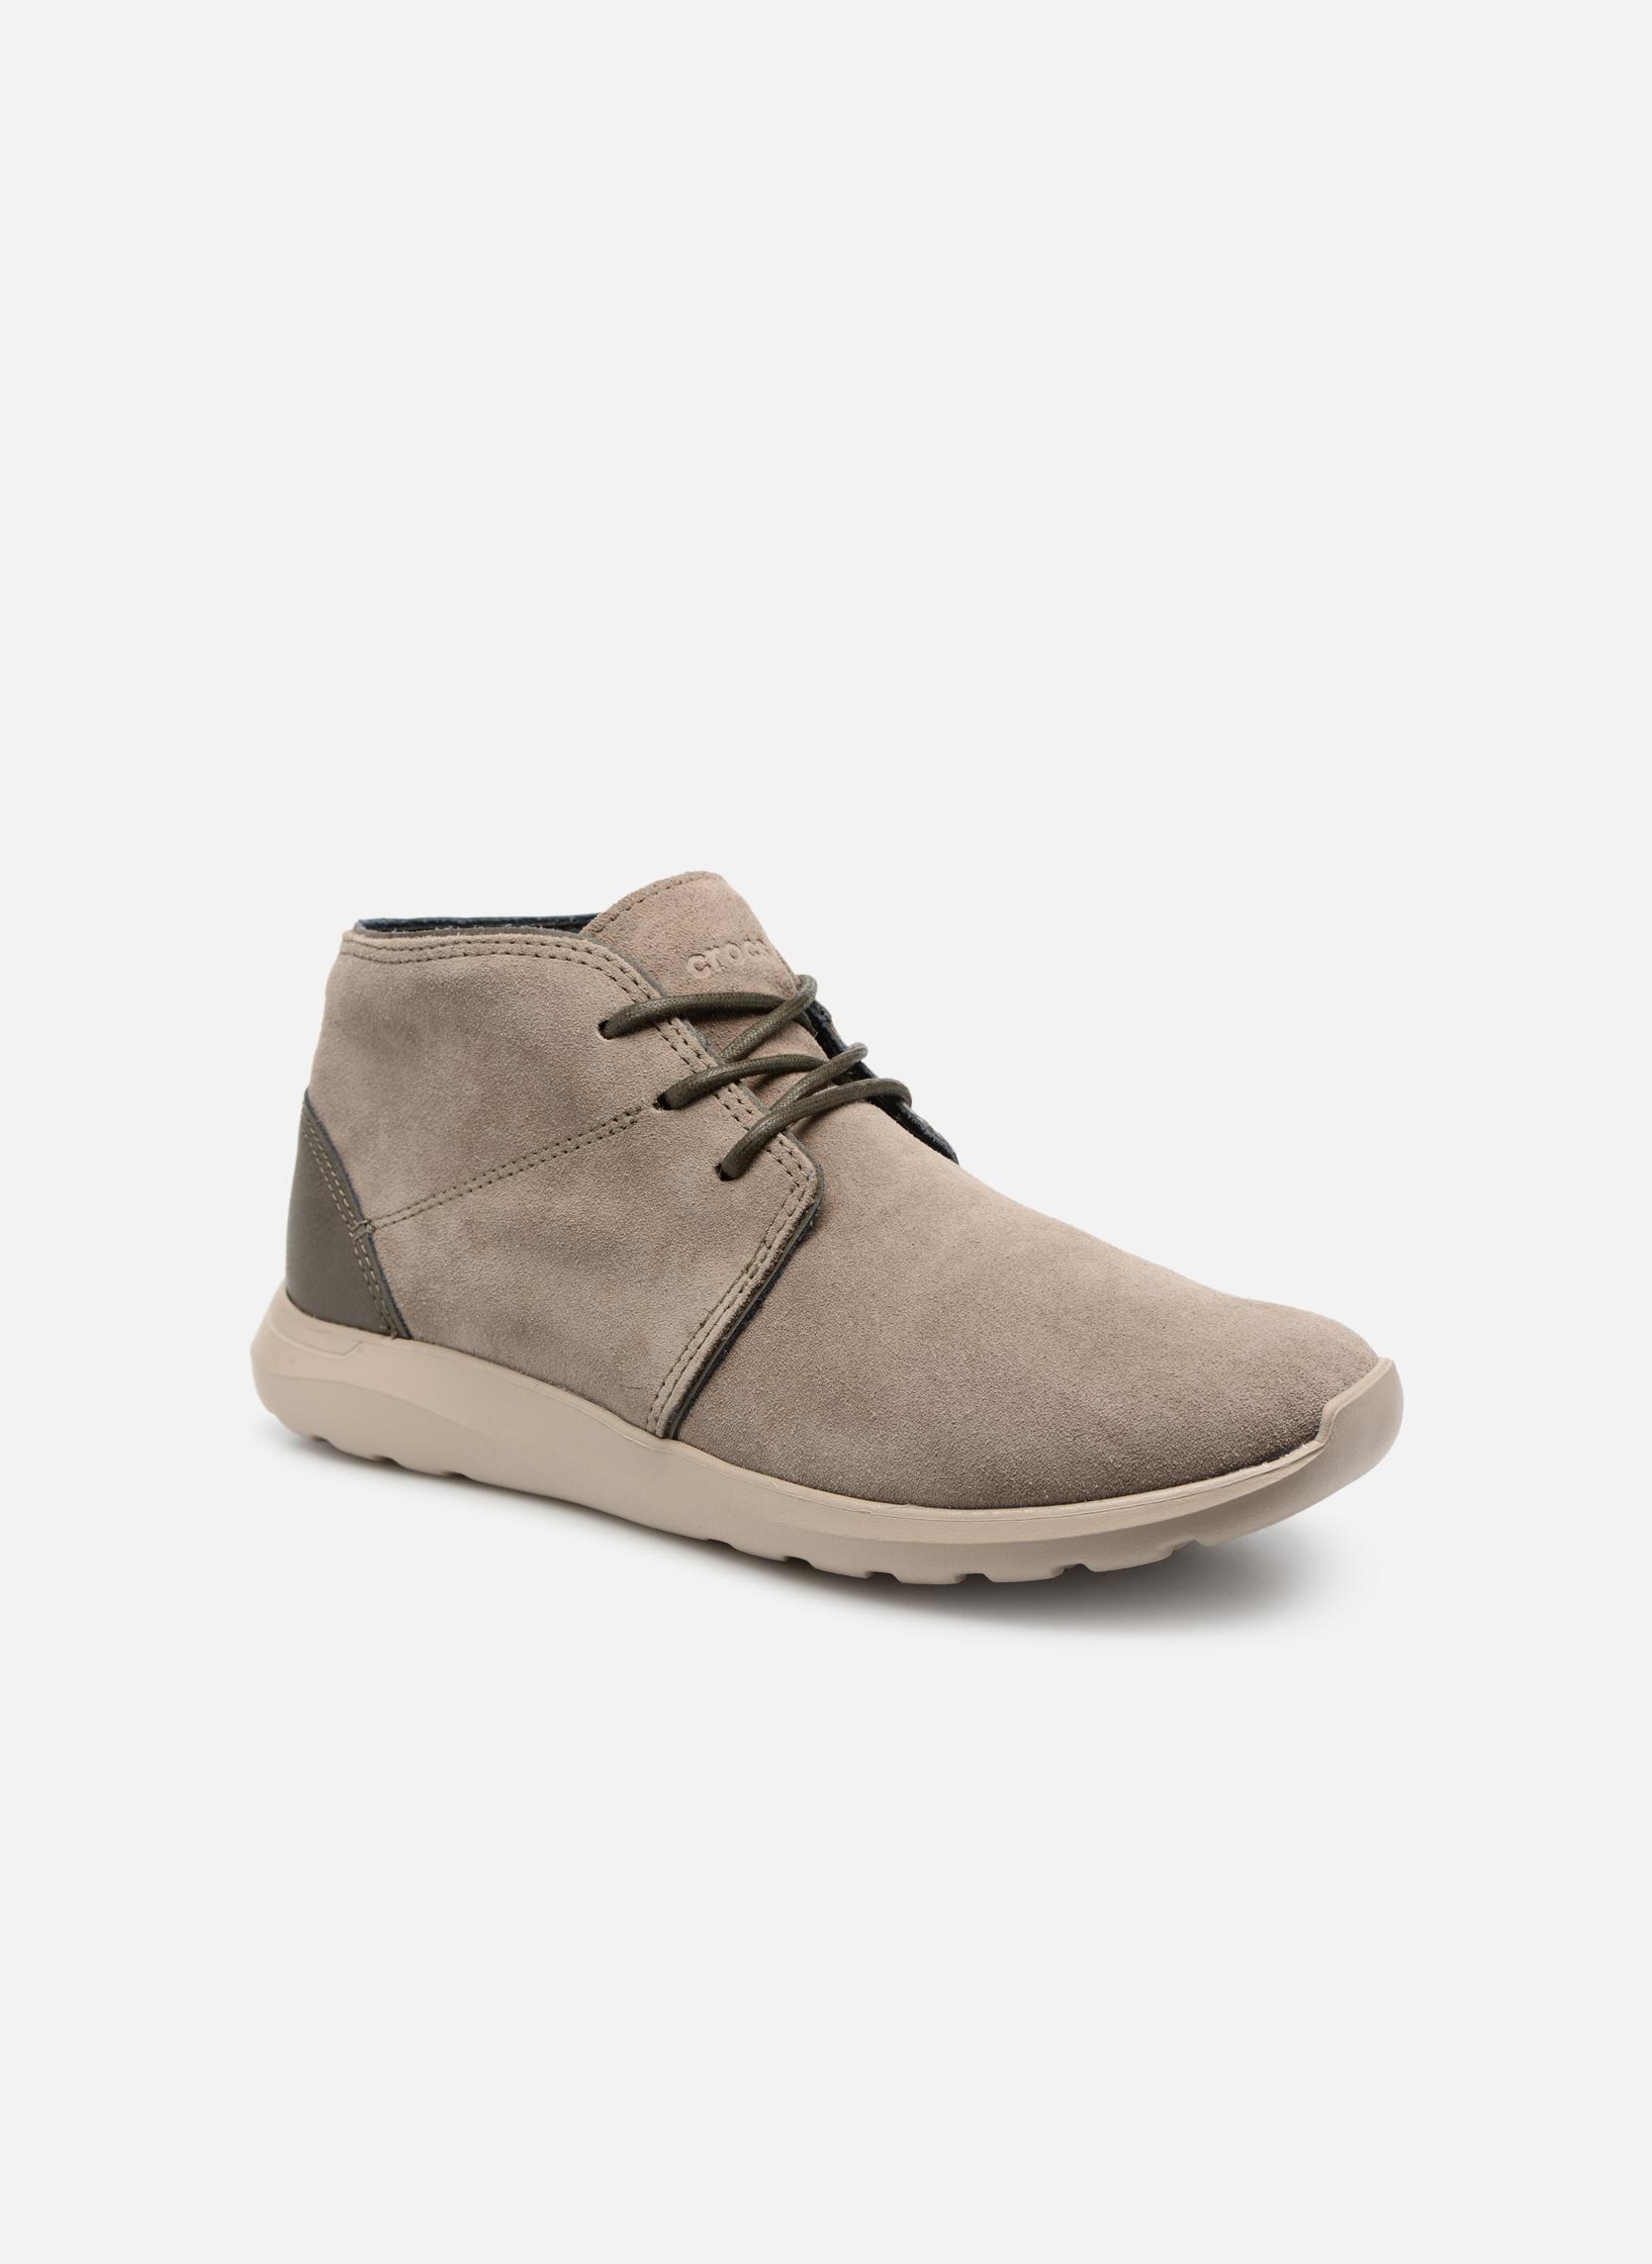 Chaussures à lacets Homme Crocs Kinsale Chukka M